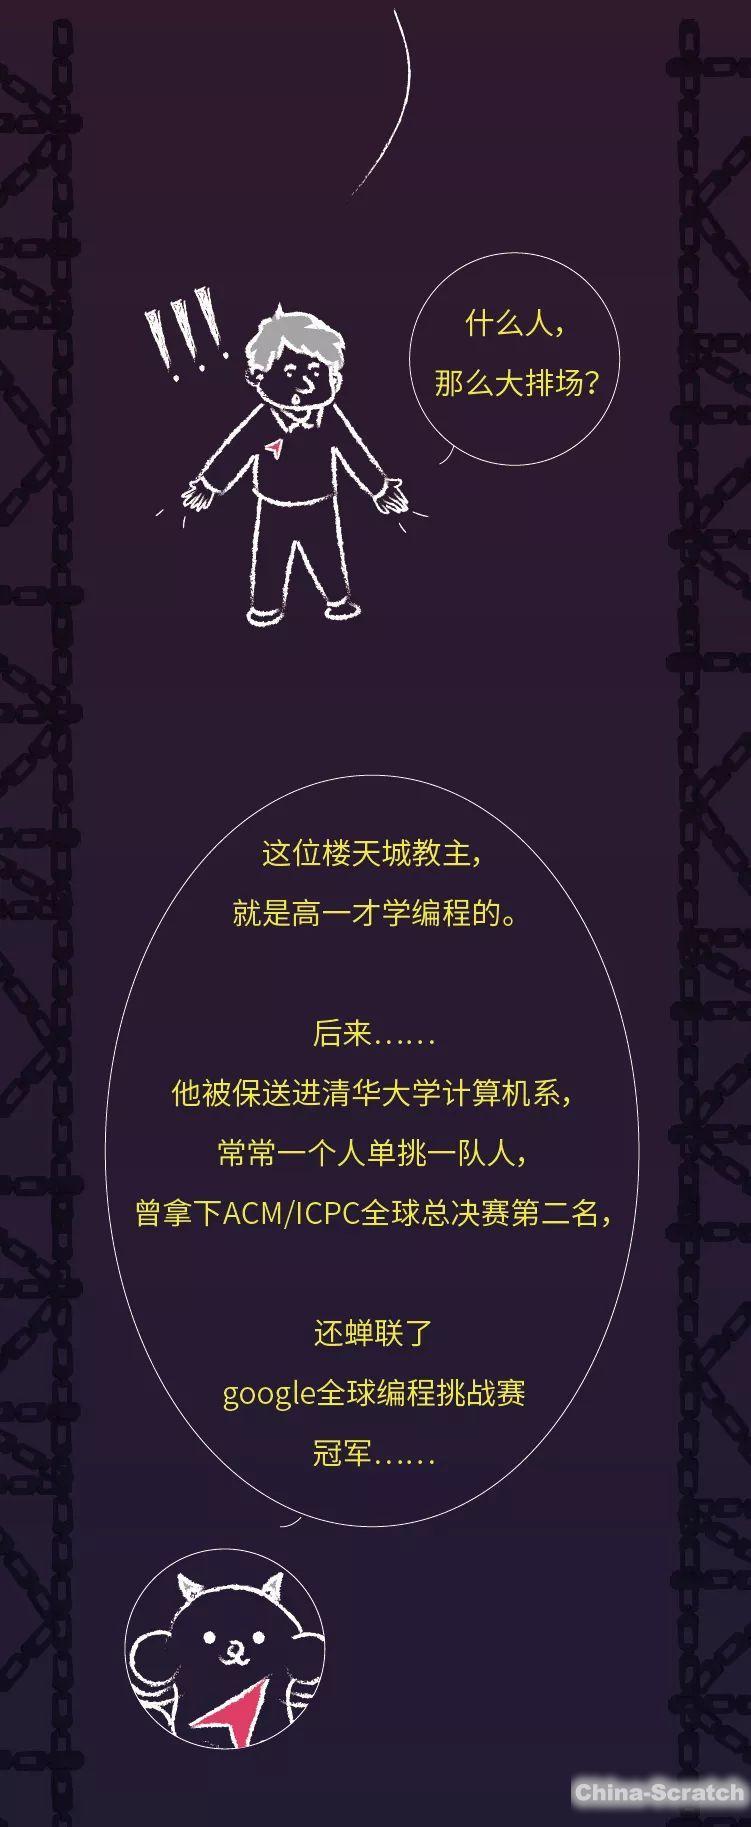 https://cdn.china-scratch.com/timg/190724/143102F10-15.jpg